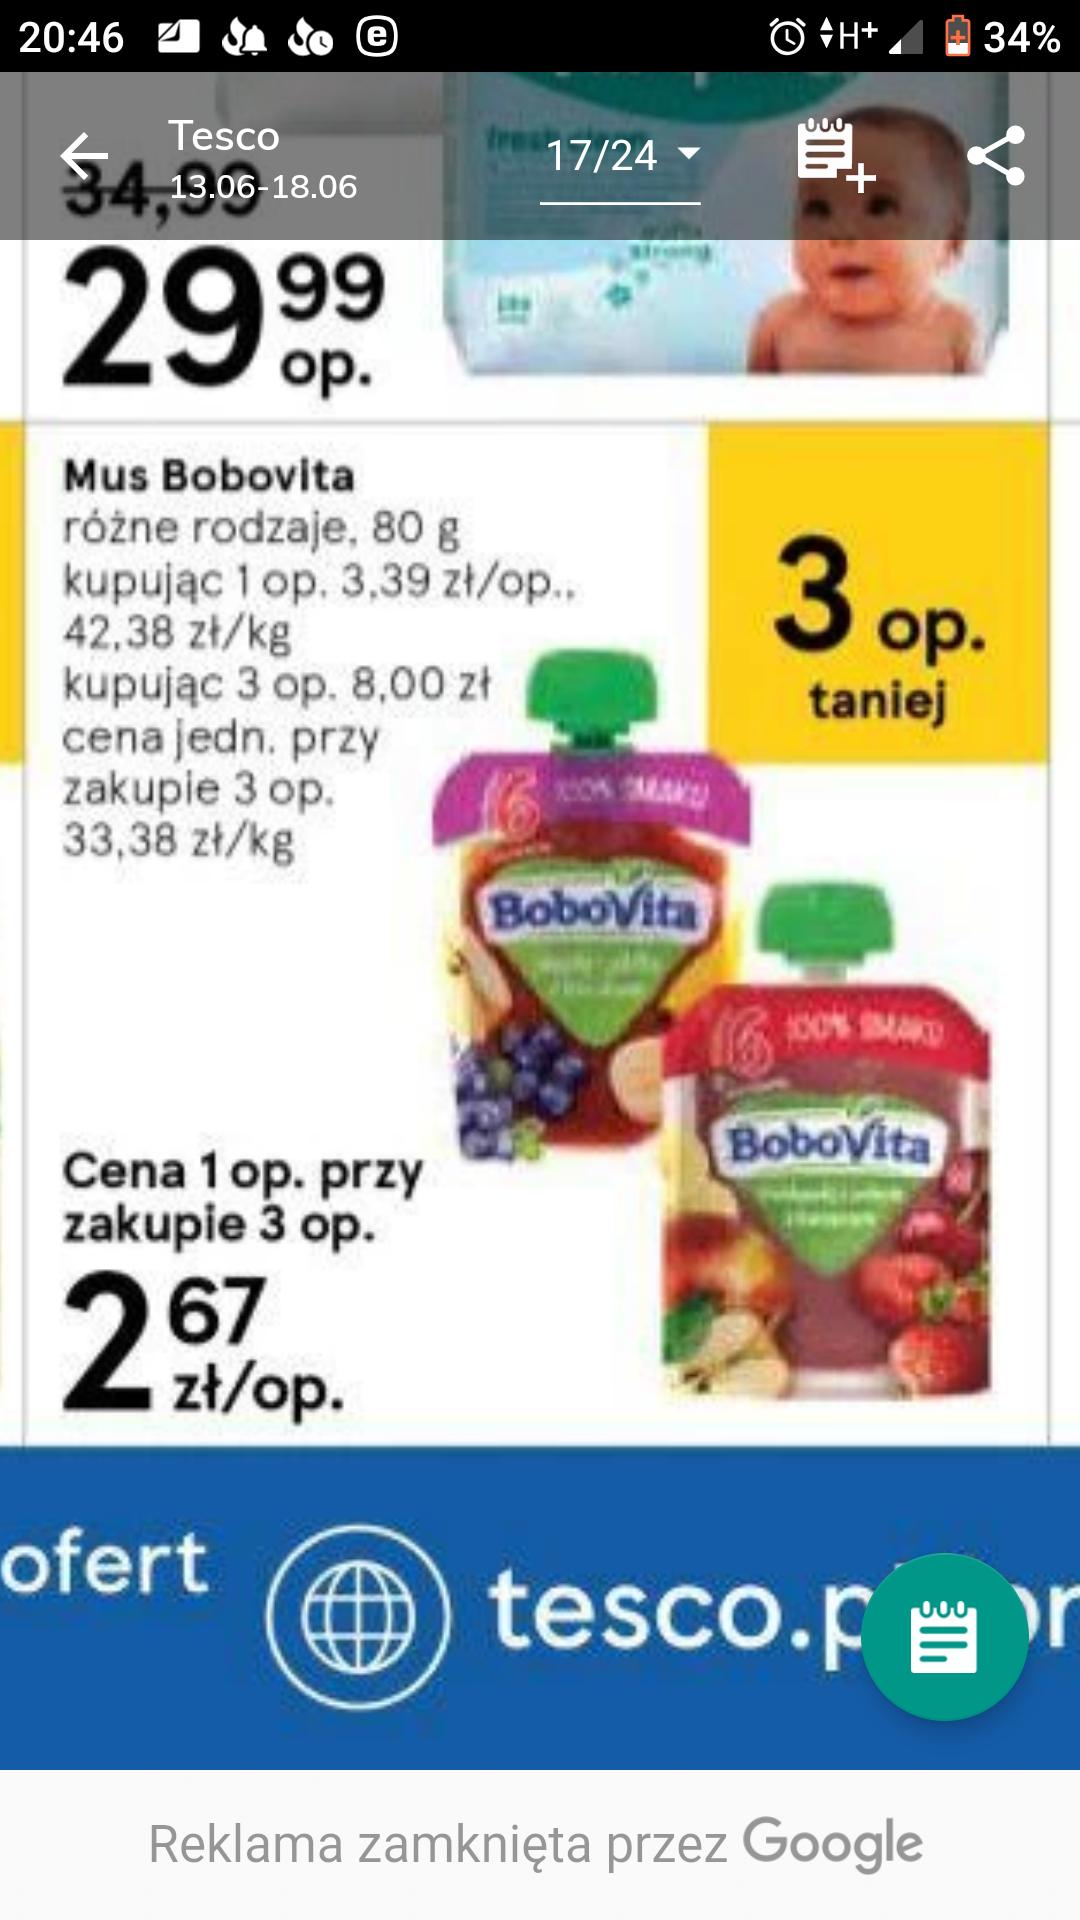 Błąd cenowy - tubki Bobovita 80g, tylko smak owoce leśne z bananem i jogurtem naturalnym